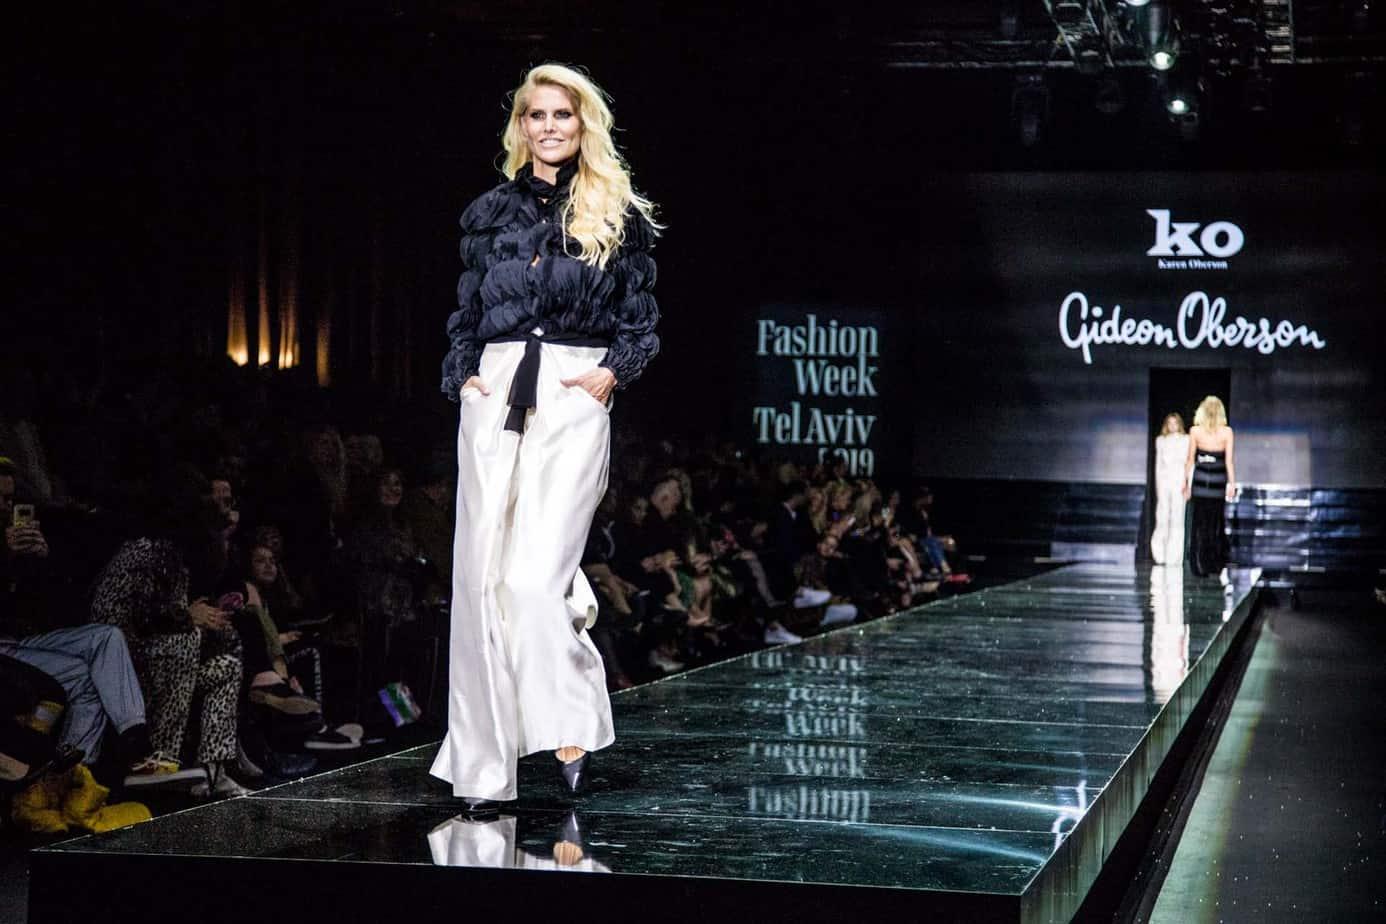 שלי גפני, גדעון אוברזון, שבוע האופנה תל אביב 2019, צילום אלכס פרגמנט